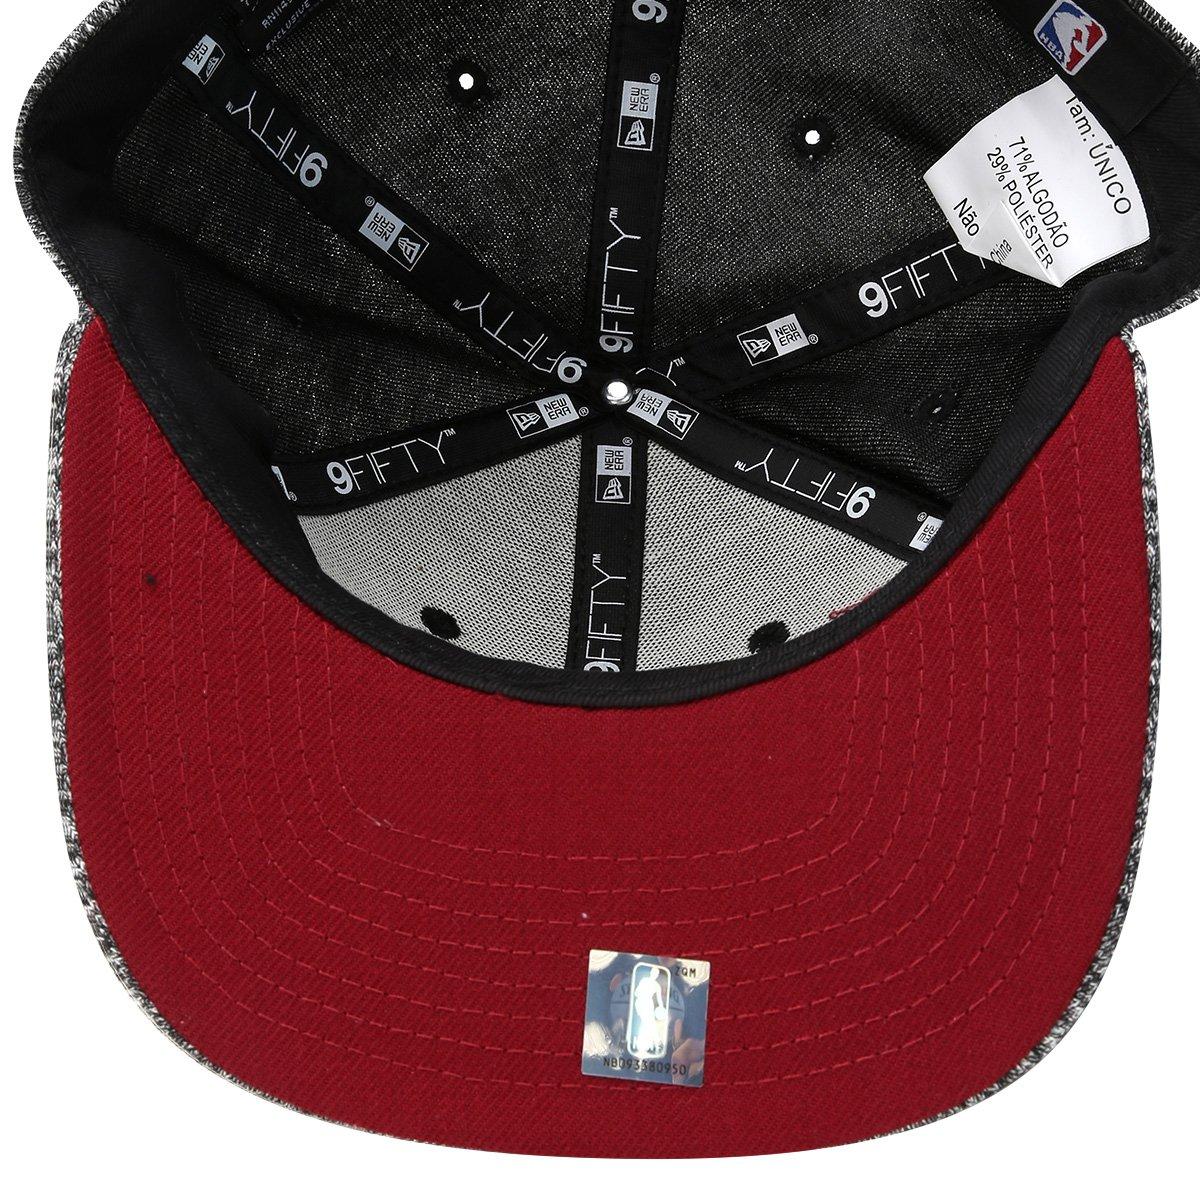 Boné New Era NBA 950 Of Sn Miami Heat Black French Terry - Compre ... 0c69bc982e5